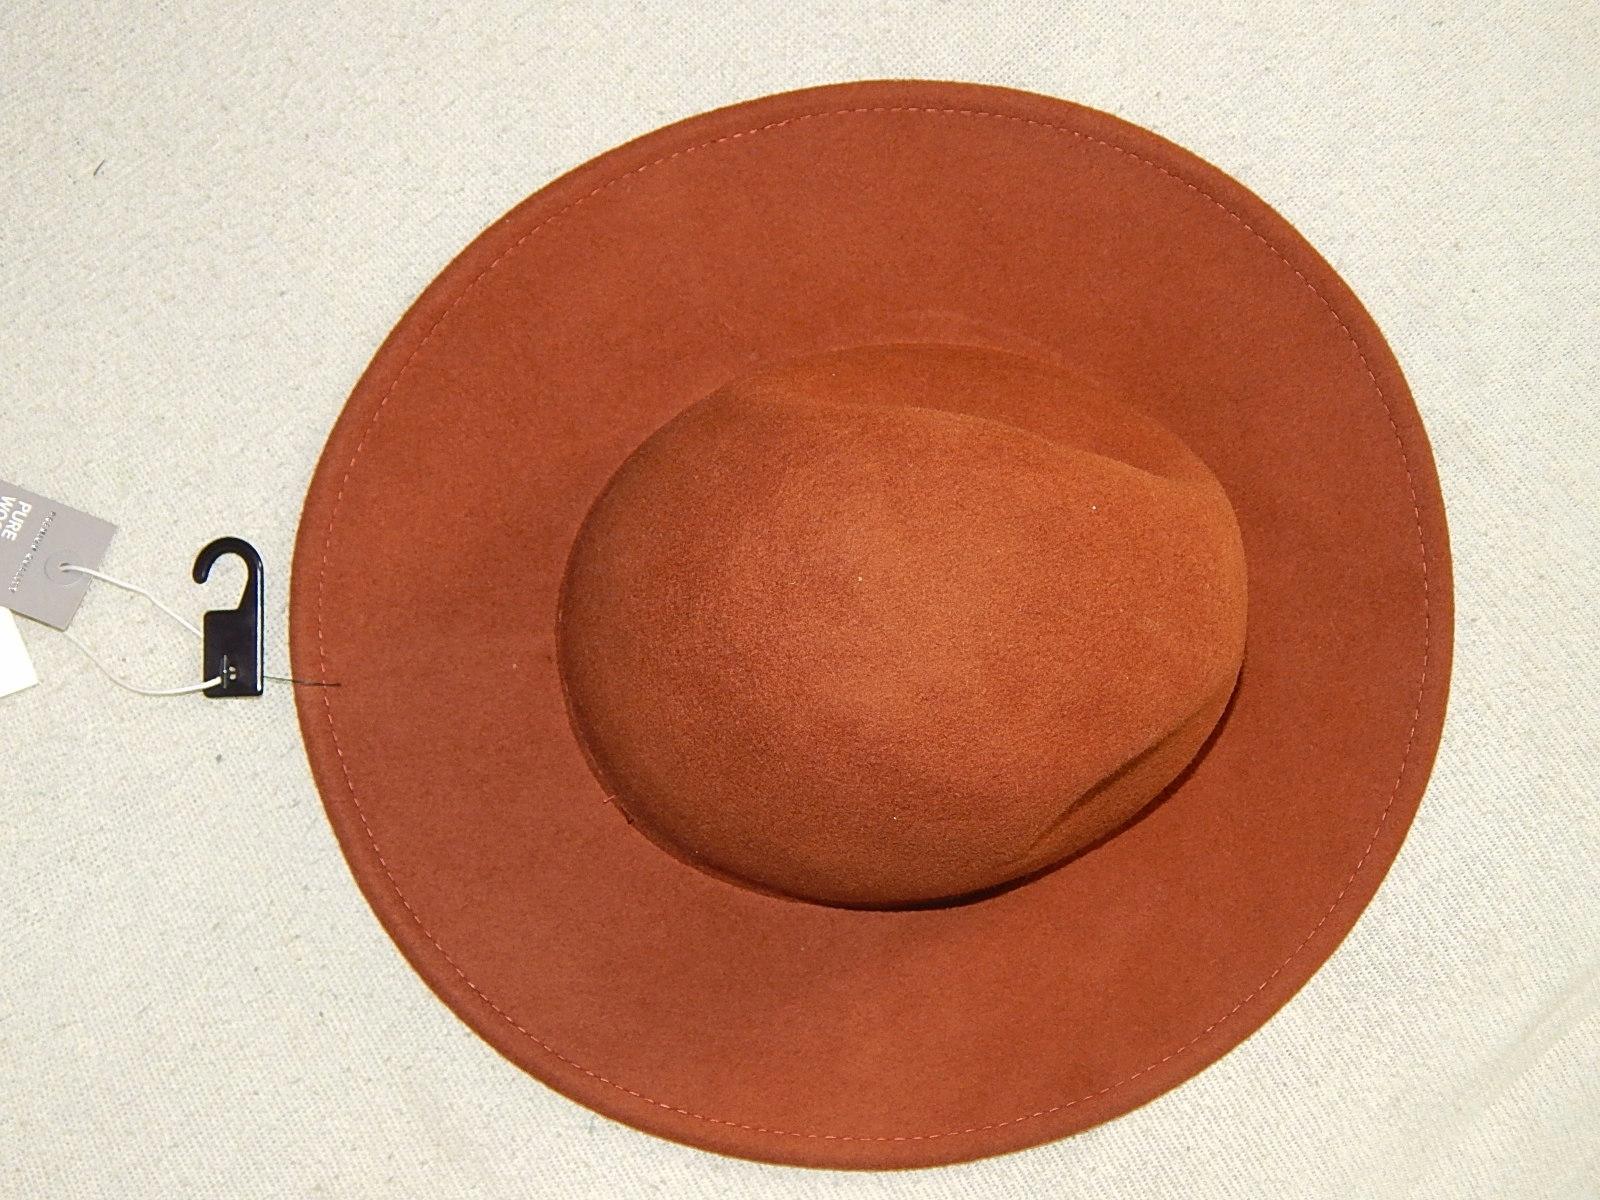 Kapelusz H&M camel brązowy wełna fedora zara